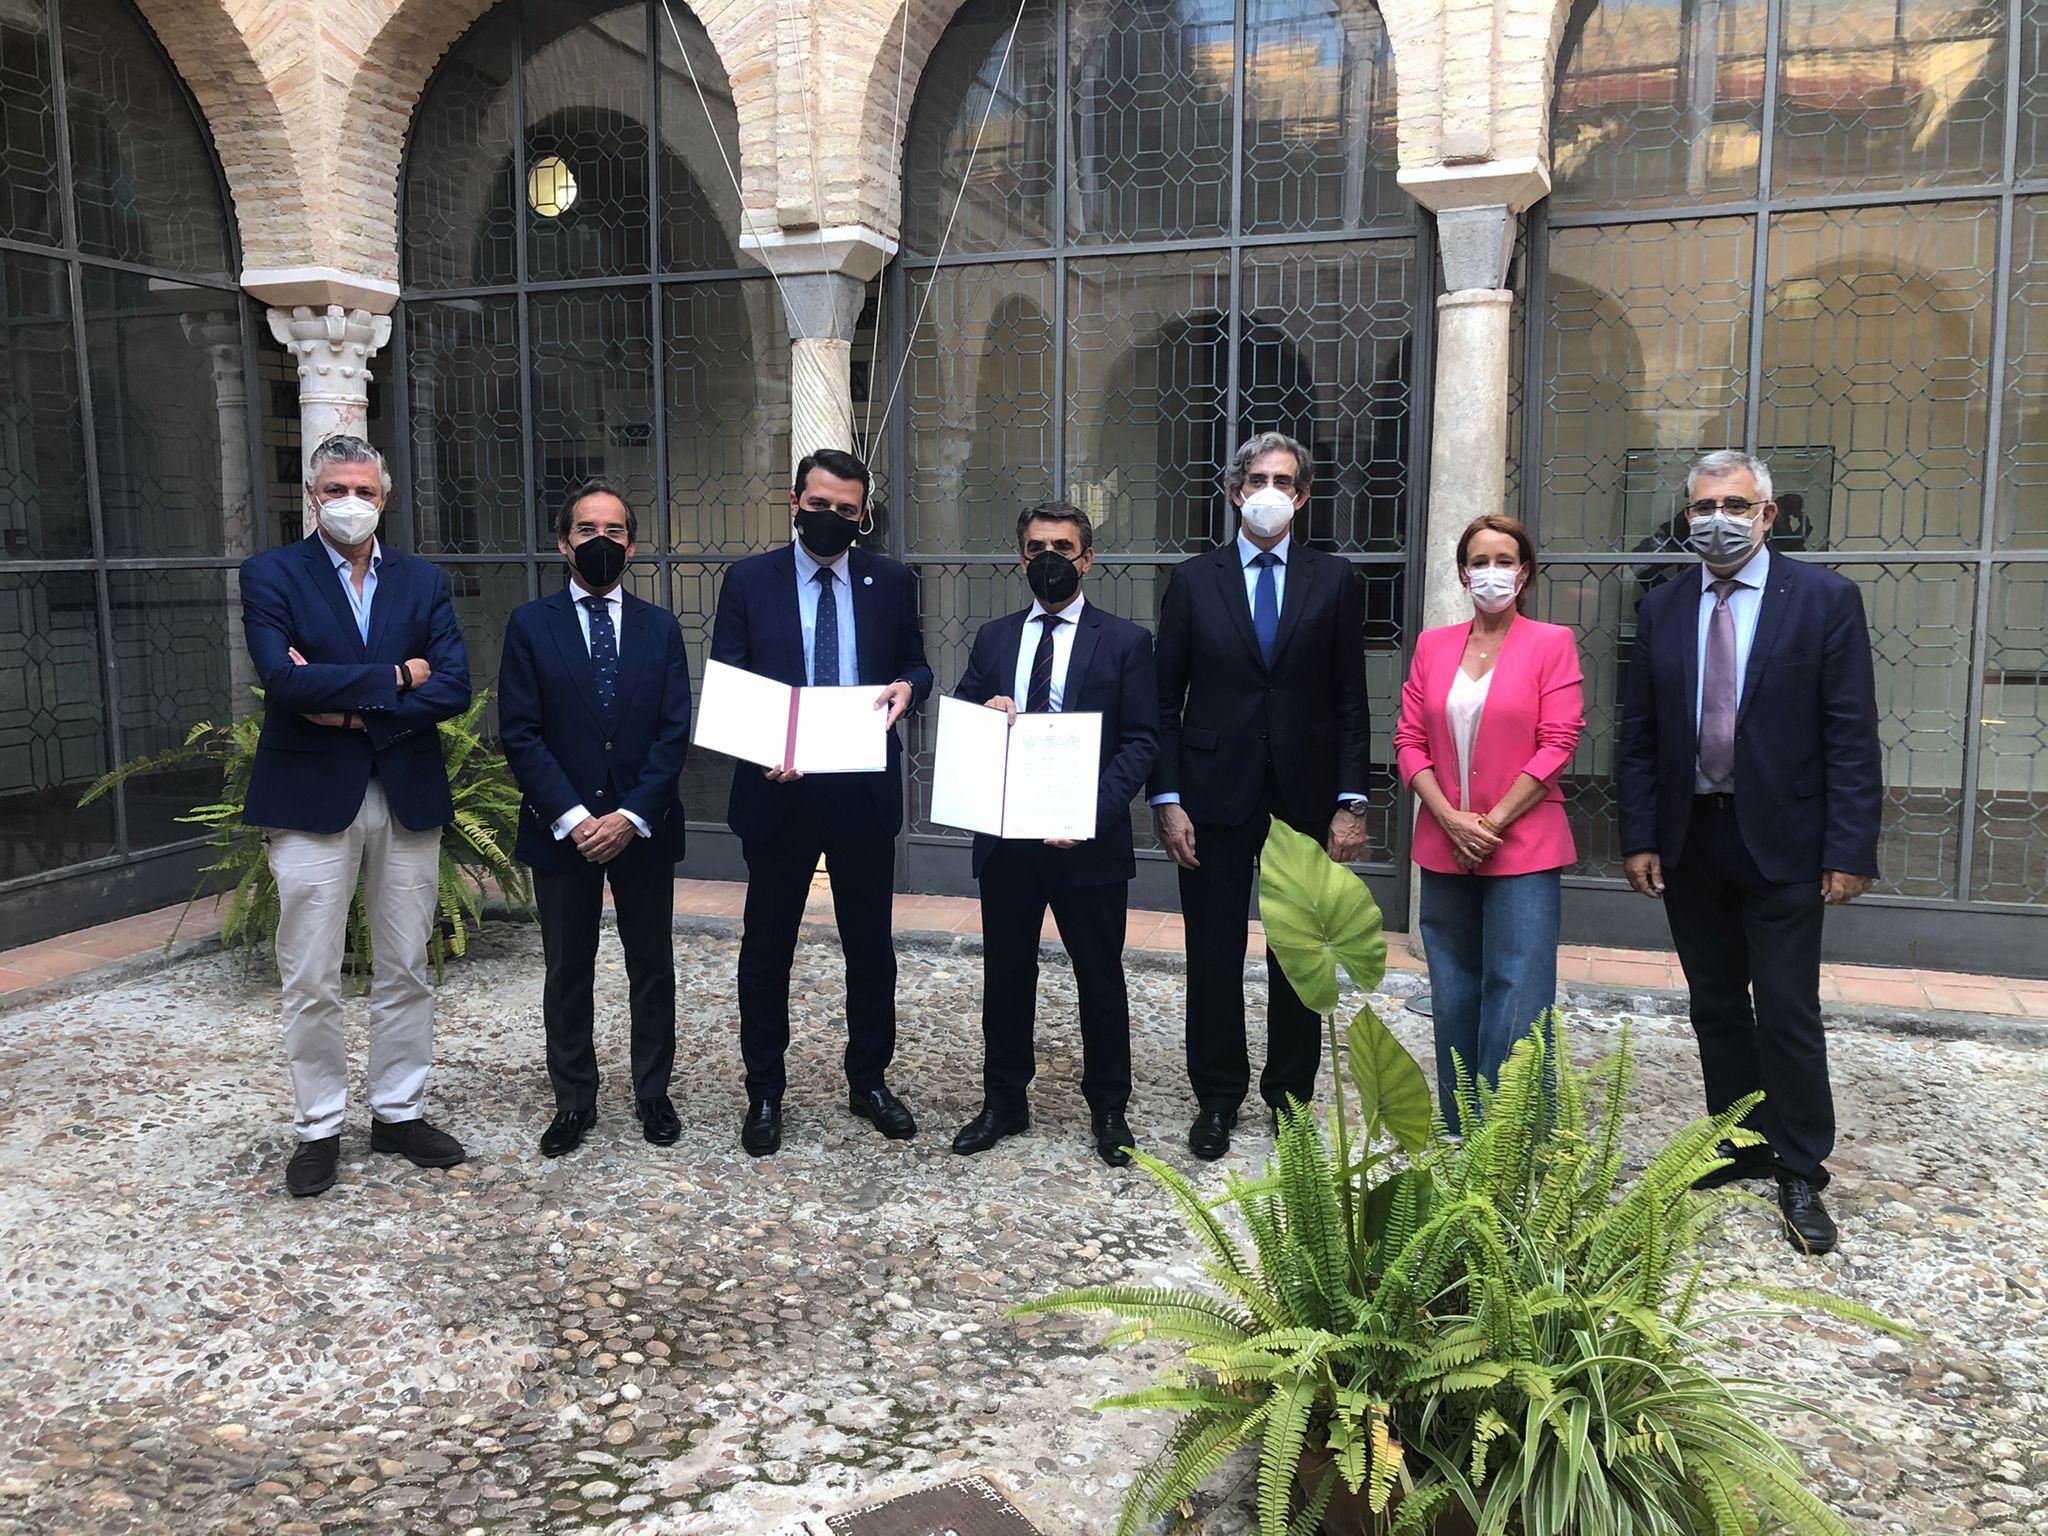 El Ayuntamiento de Córdoba y el Capítulo de la FTL firman un convenio de colaboración